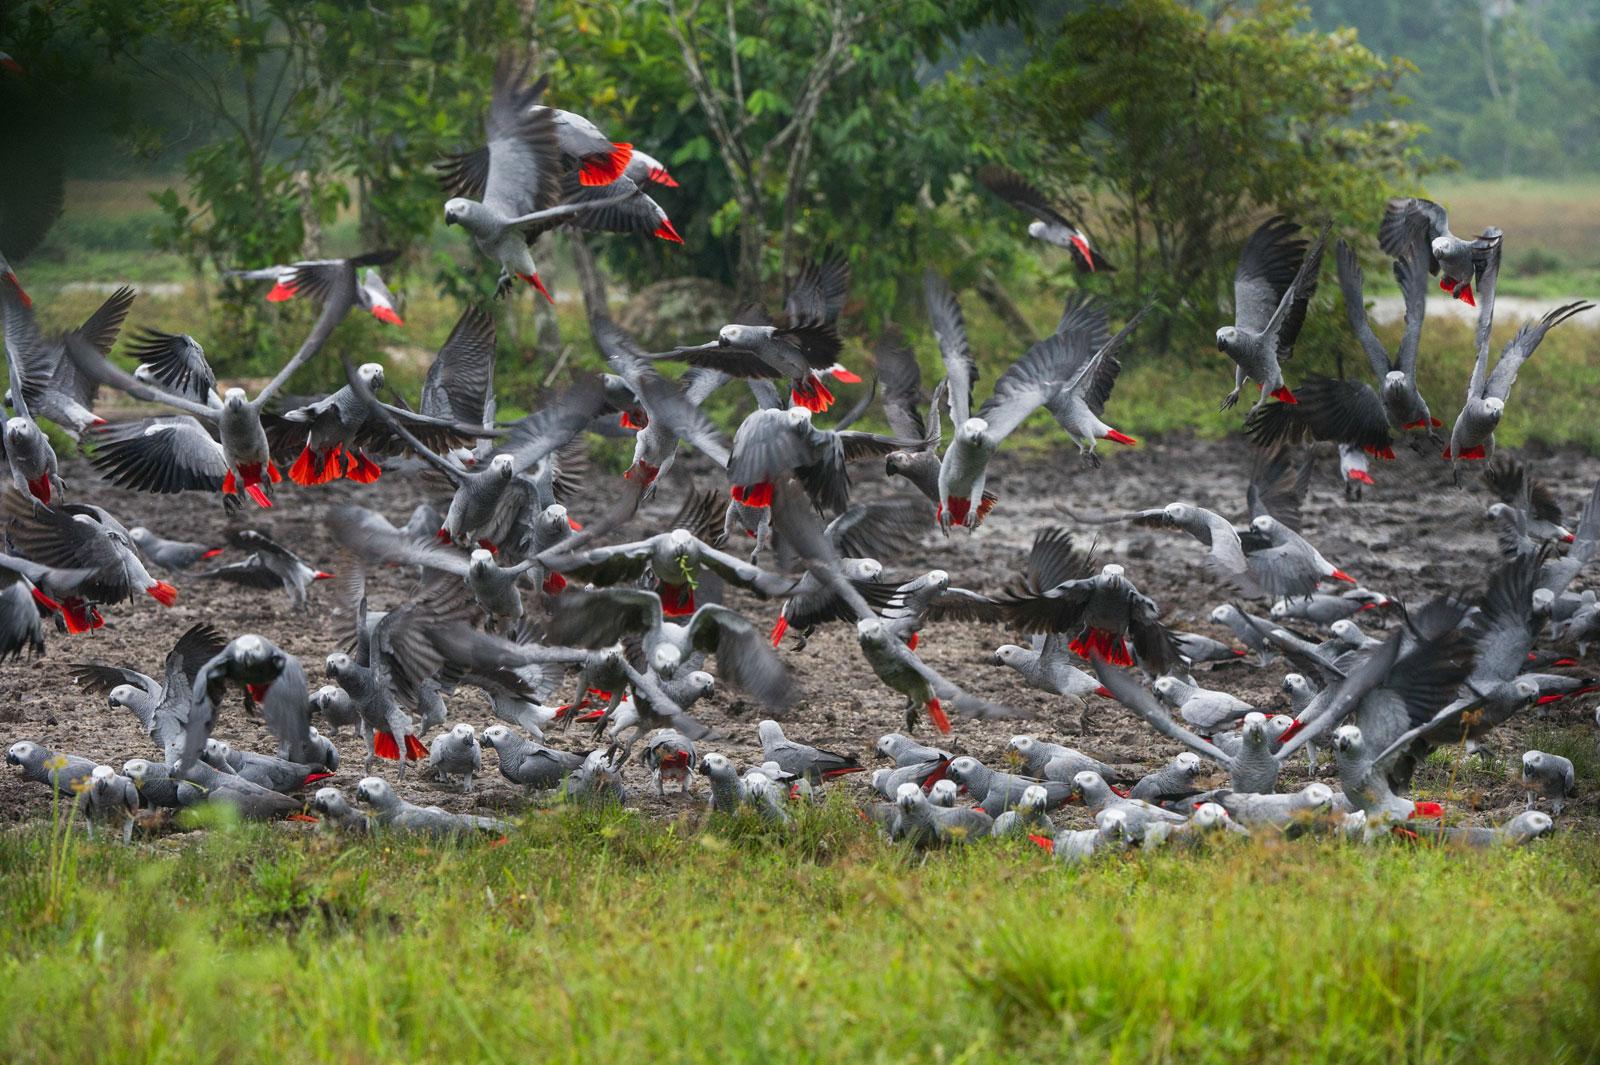 grey-parrots_Pete-Oxford